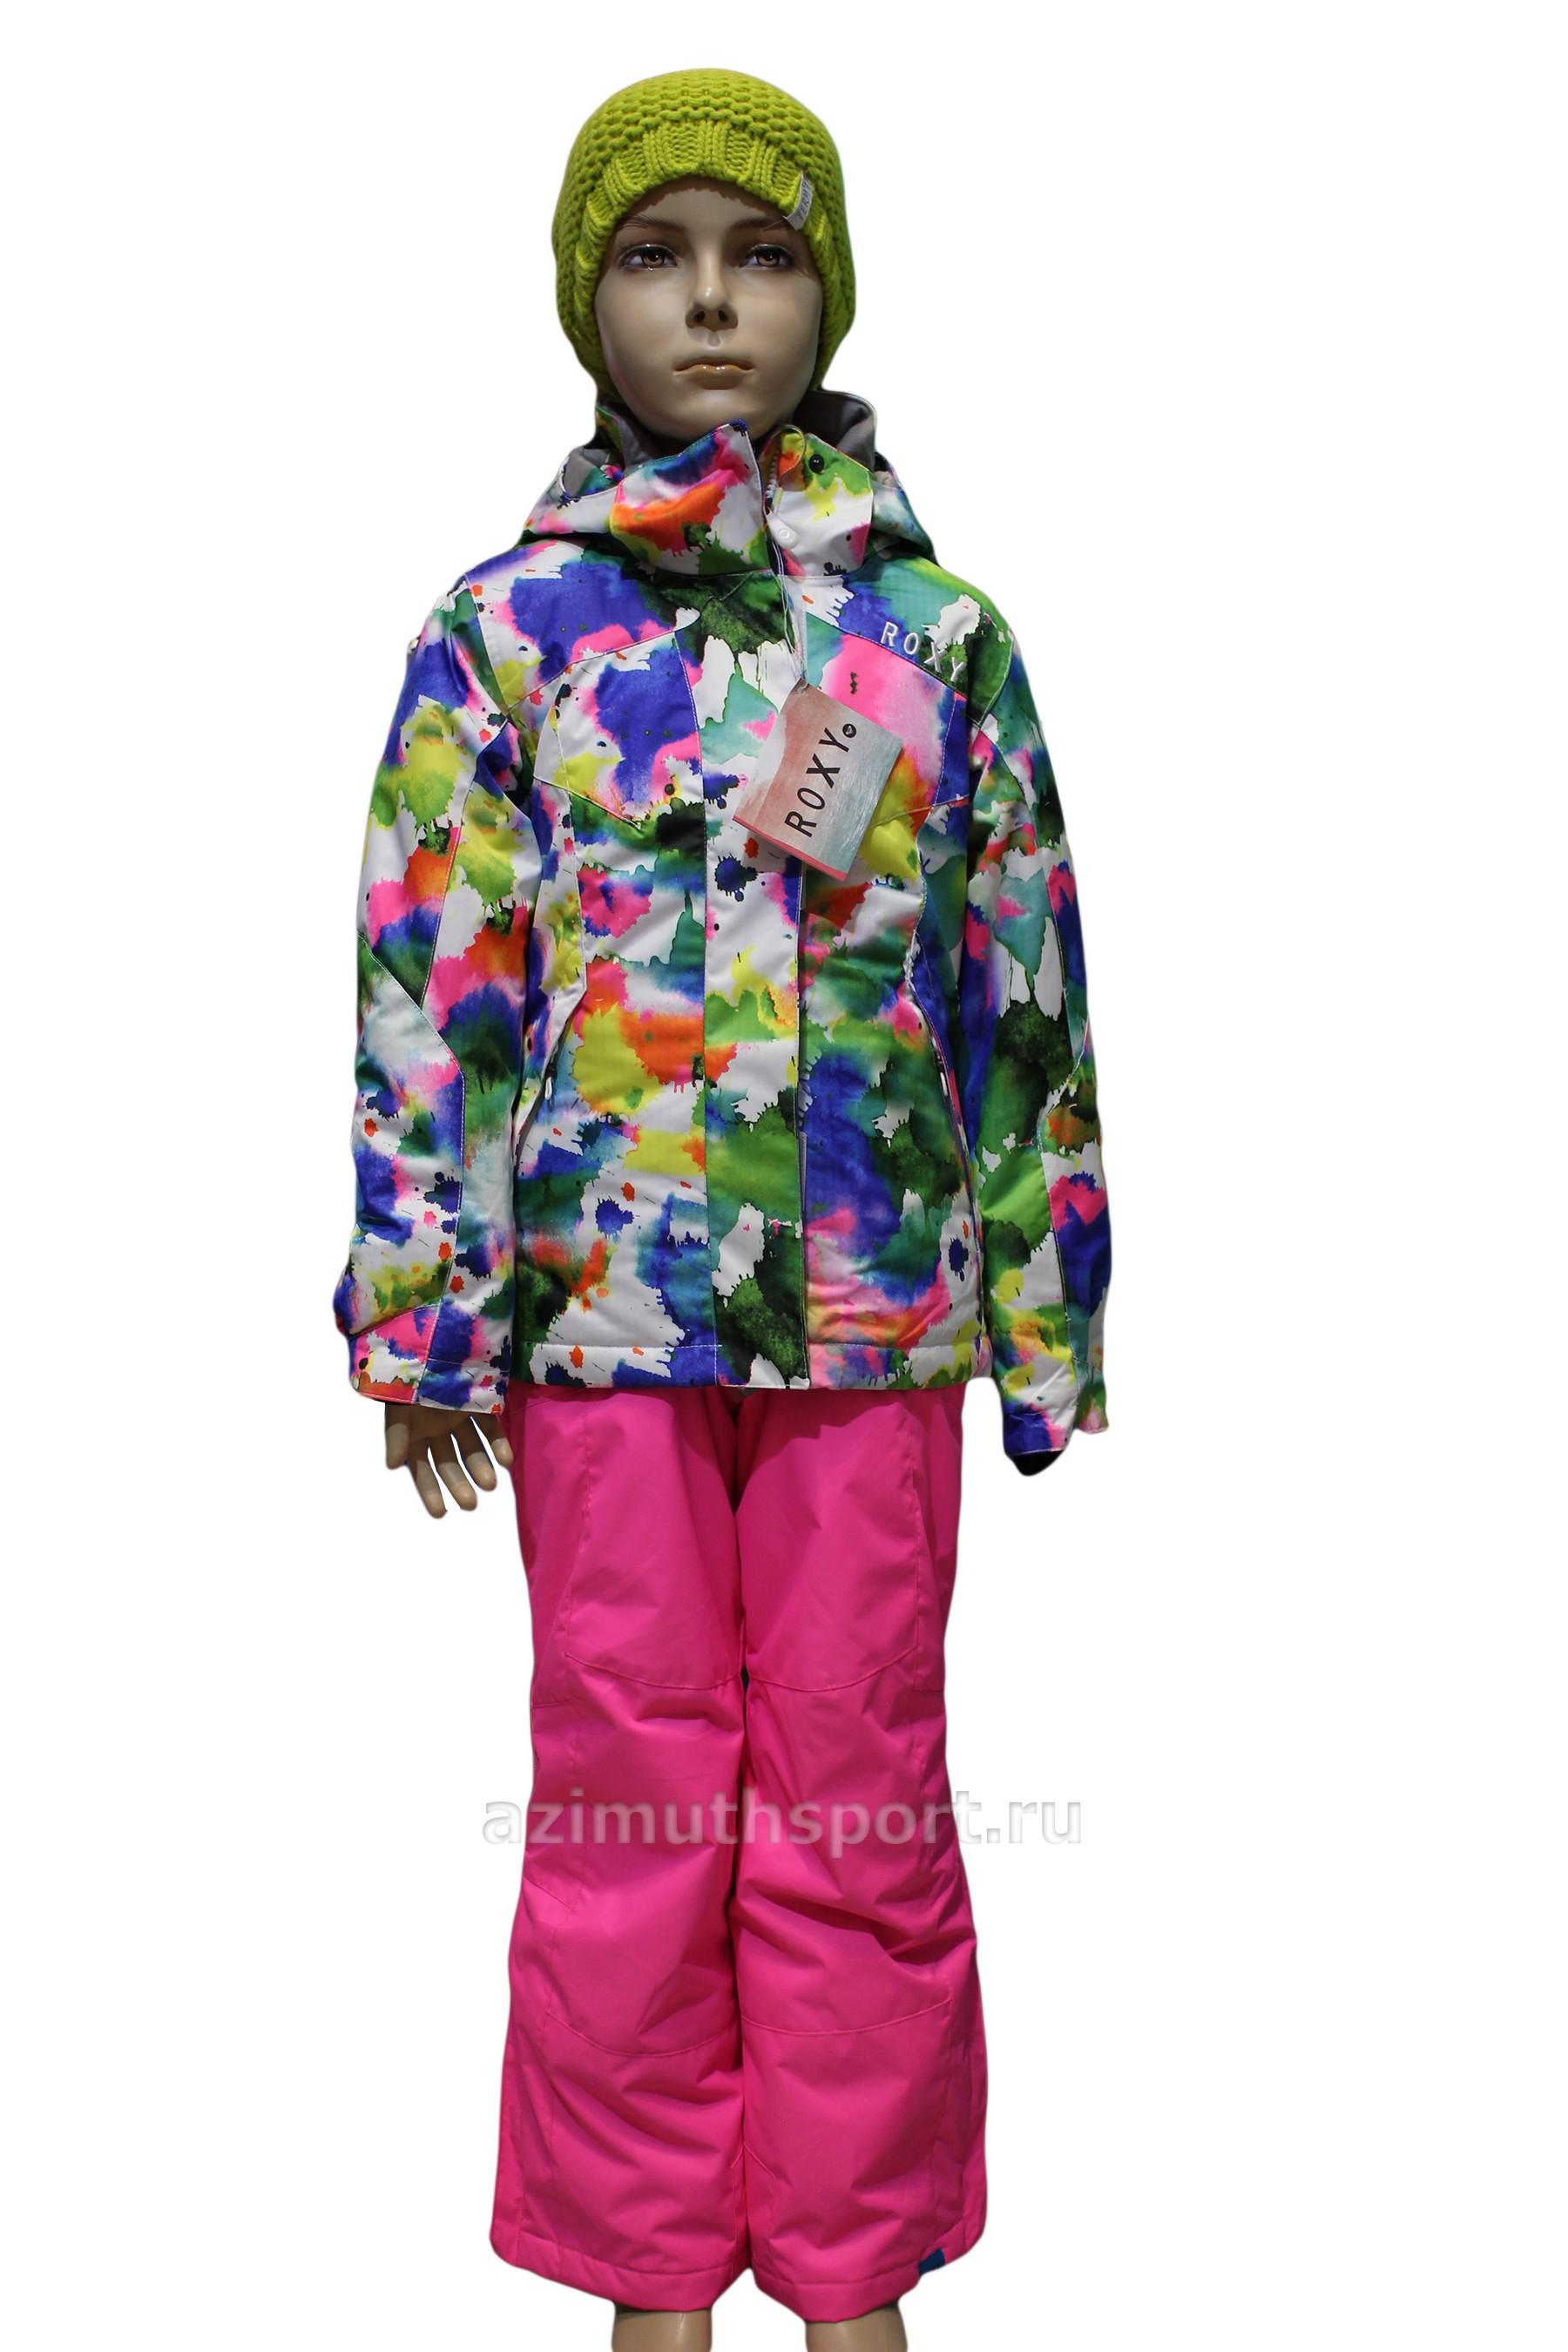 Новые коллекции Azimuth, Bogner, Roxy, North Face и другие. Куртки,теплые парки,брюки. Размеры до 62.Теперь и подростковые костюмы Roxy и другие, ооочень теплые. 4 сезон СТОП 2 ноября